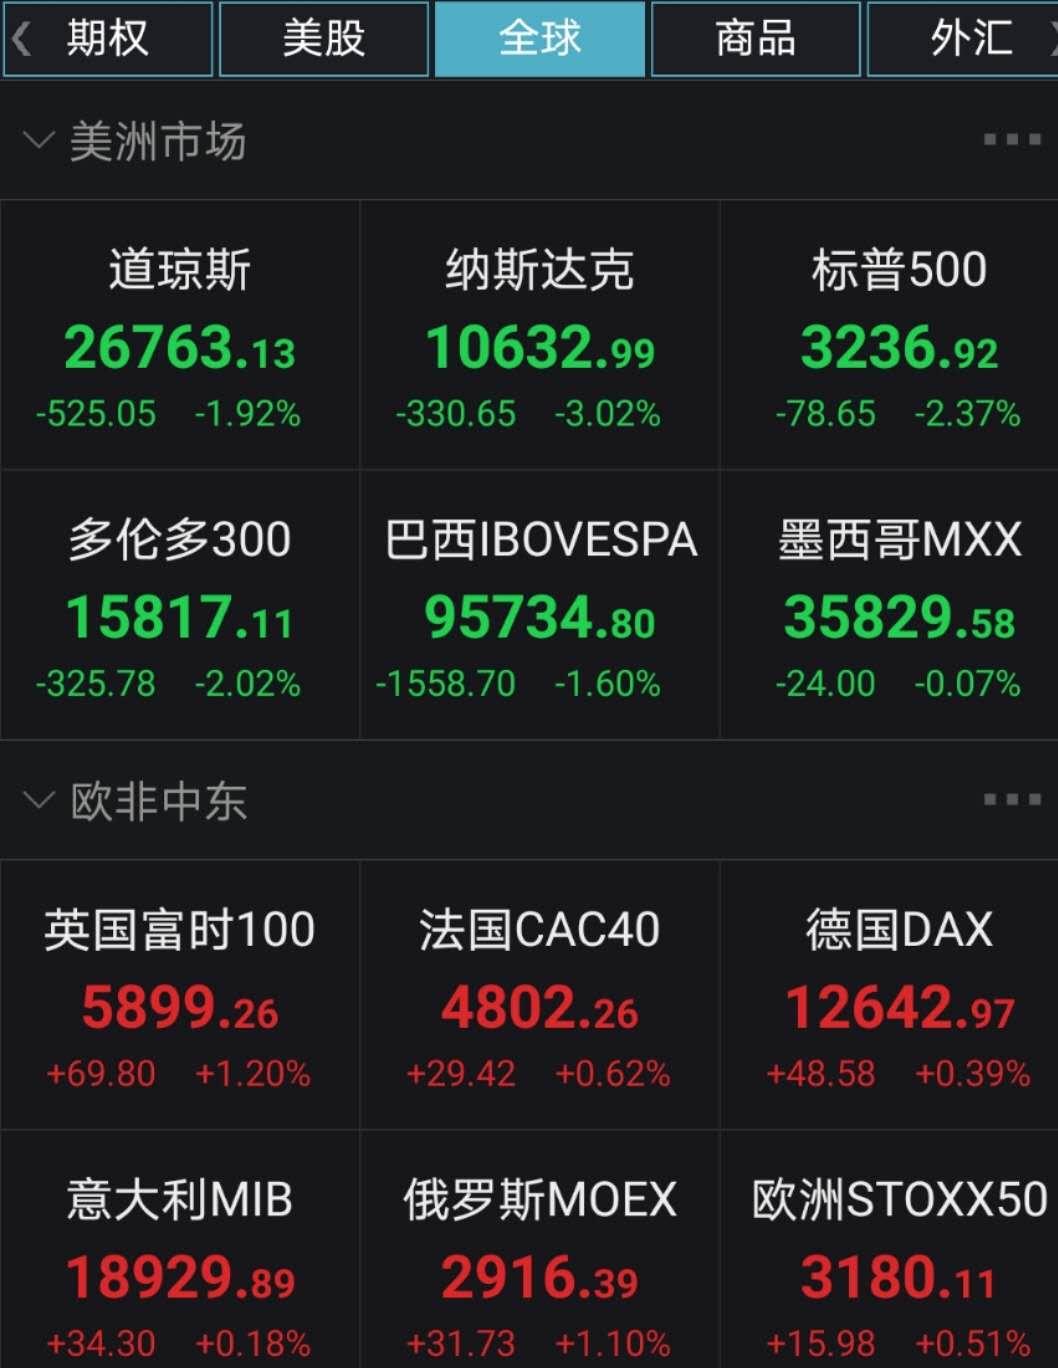 美股崩了:A股科技股黄金坑?能想象30倍市盈率以下买龙头股机会吗